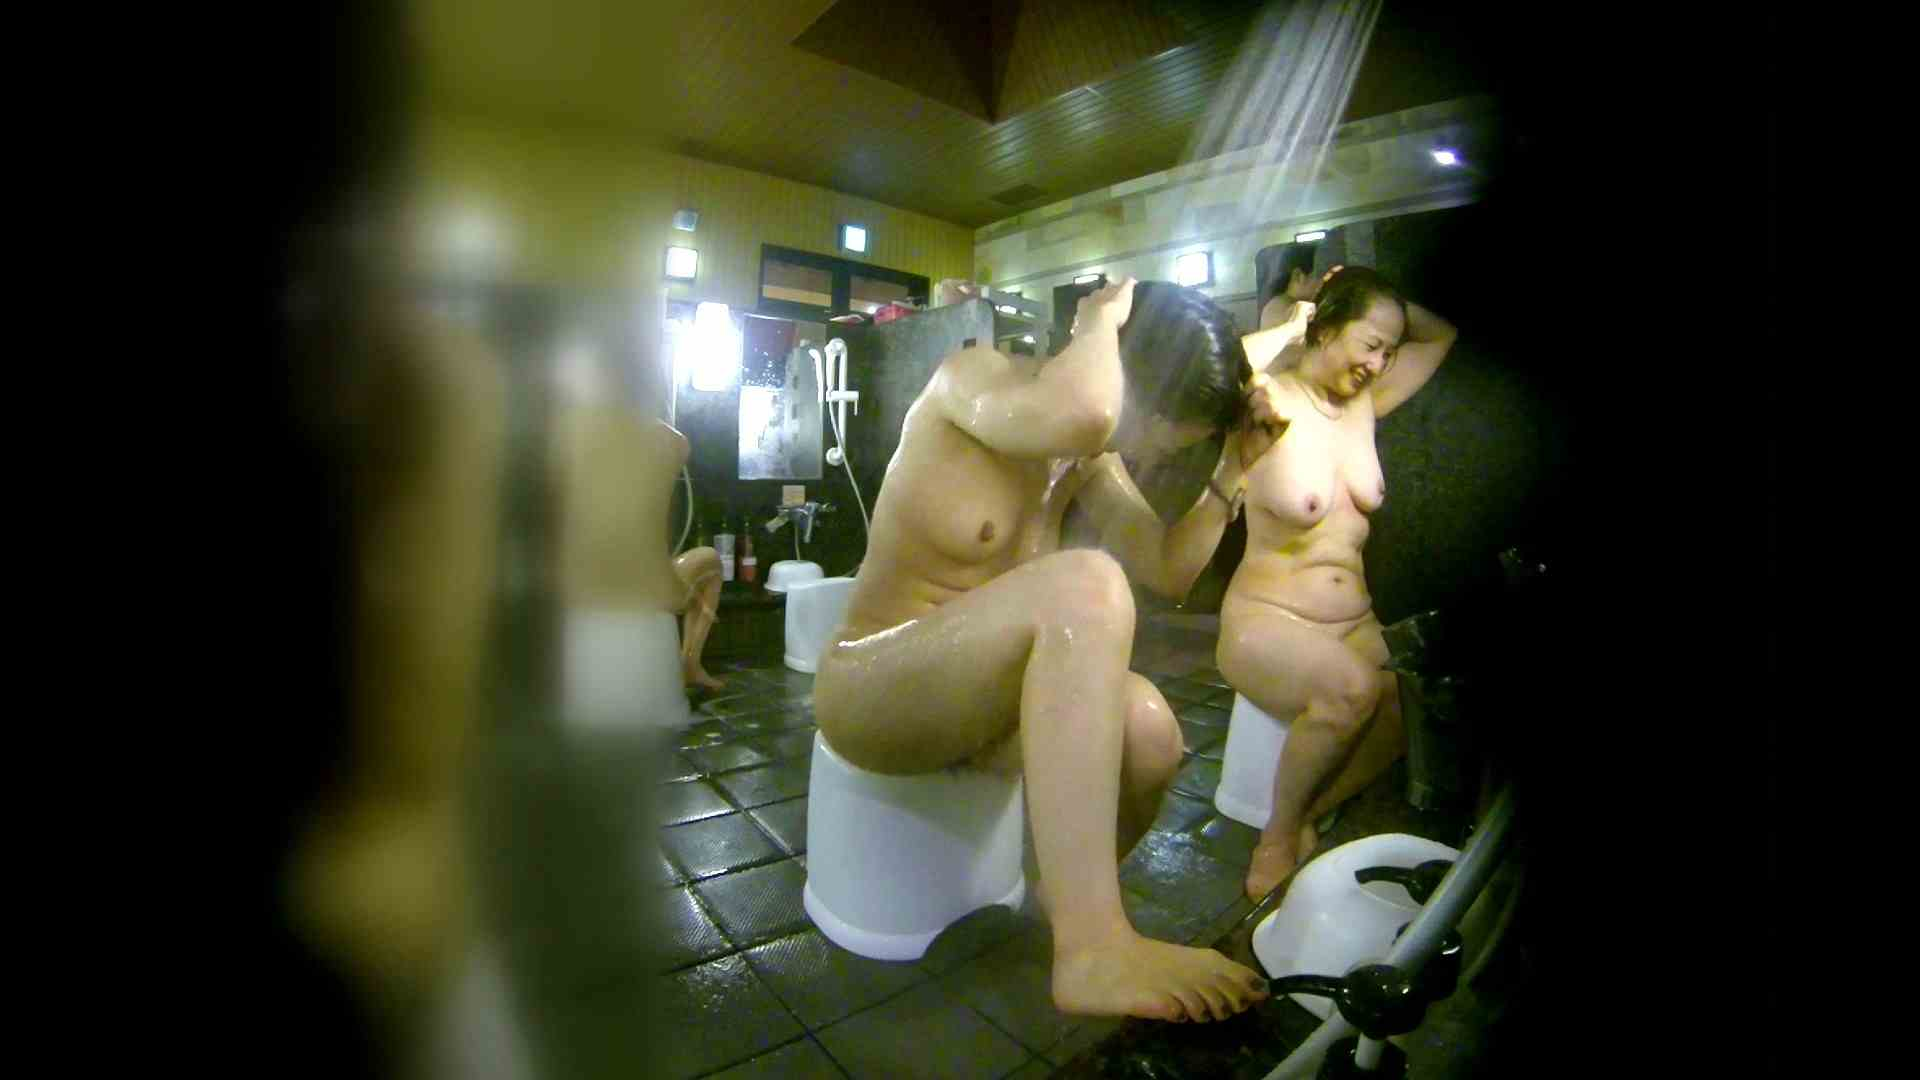 洗い場!右足の位置がいいですね。陰毛もっさり! 潜入  107枚 42